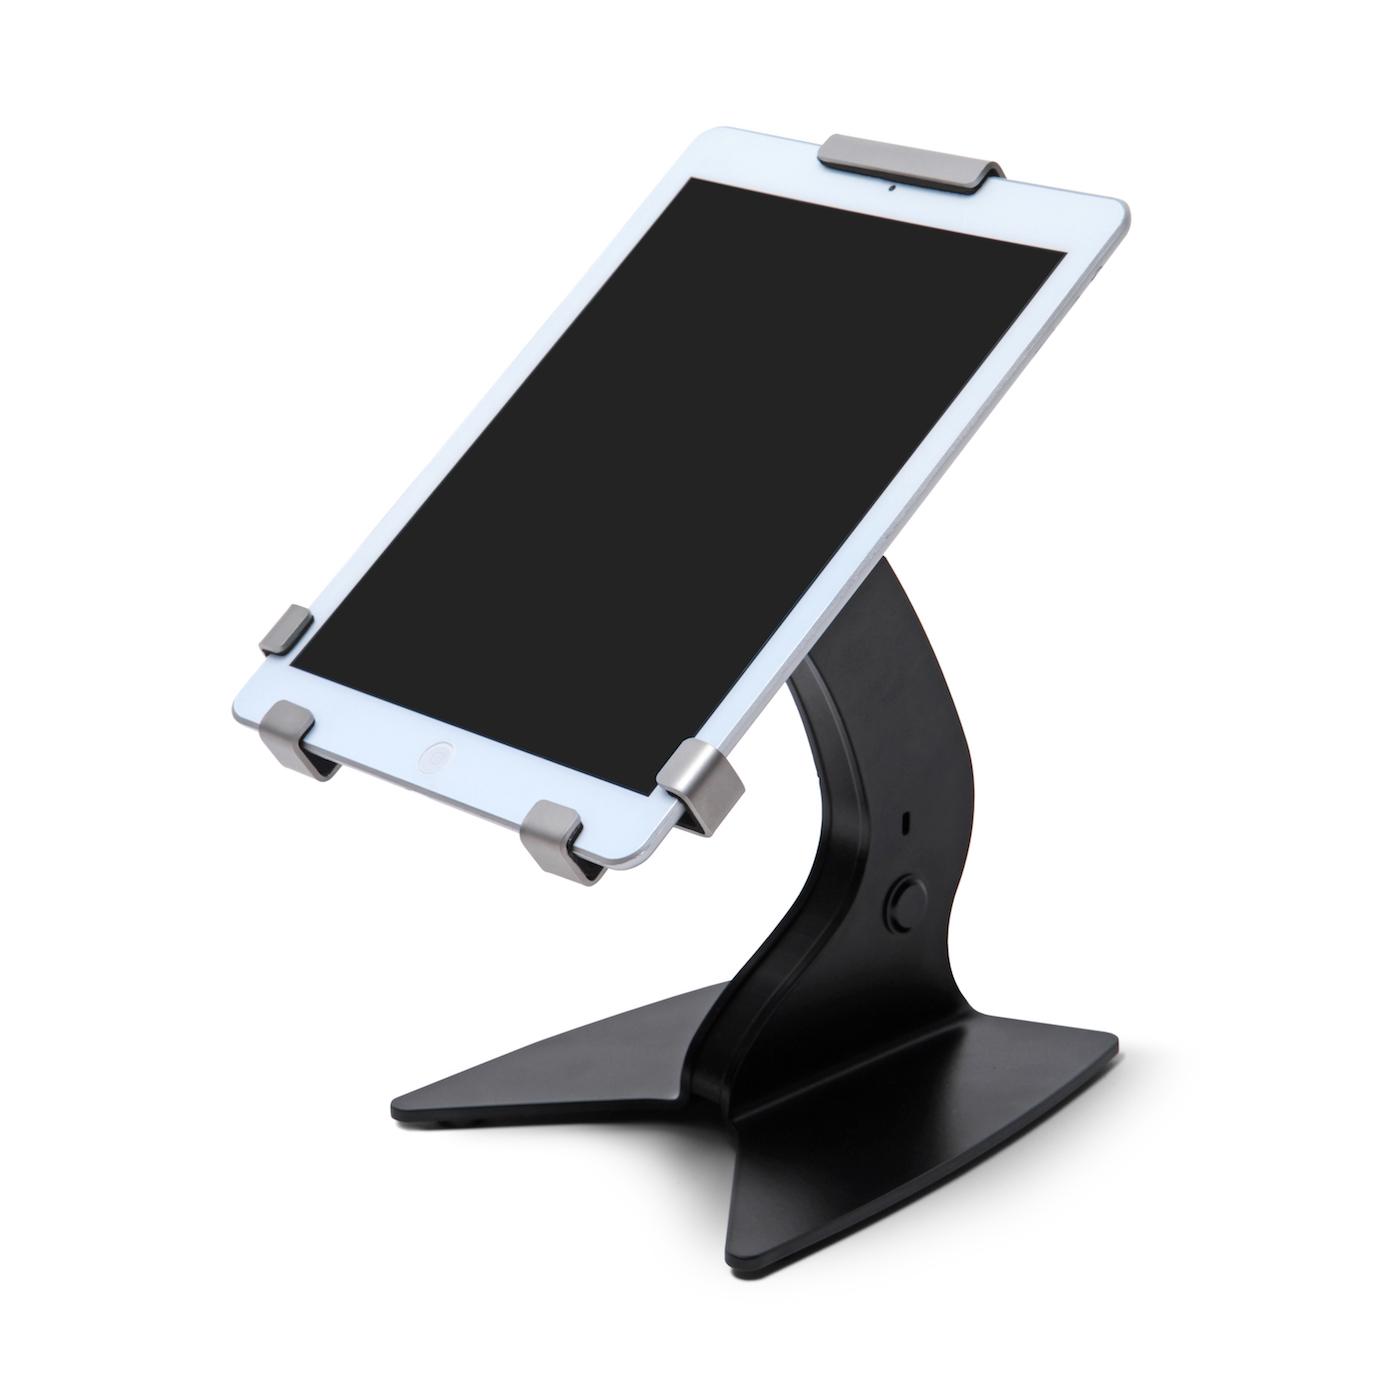 iPad Holder  Tablet Holder  Desk Stand  Black  13 inch